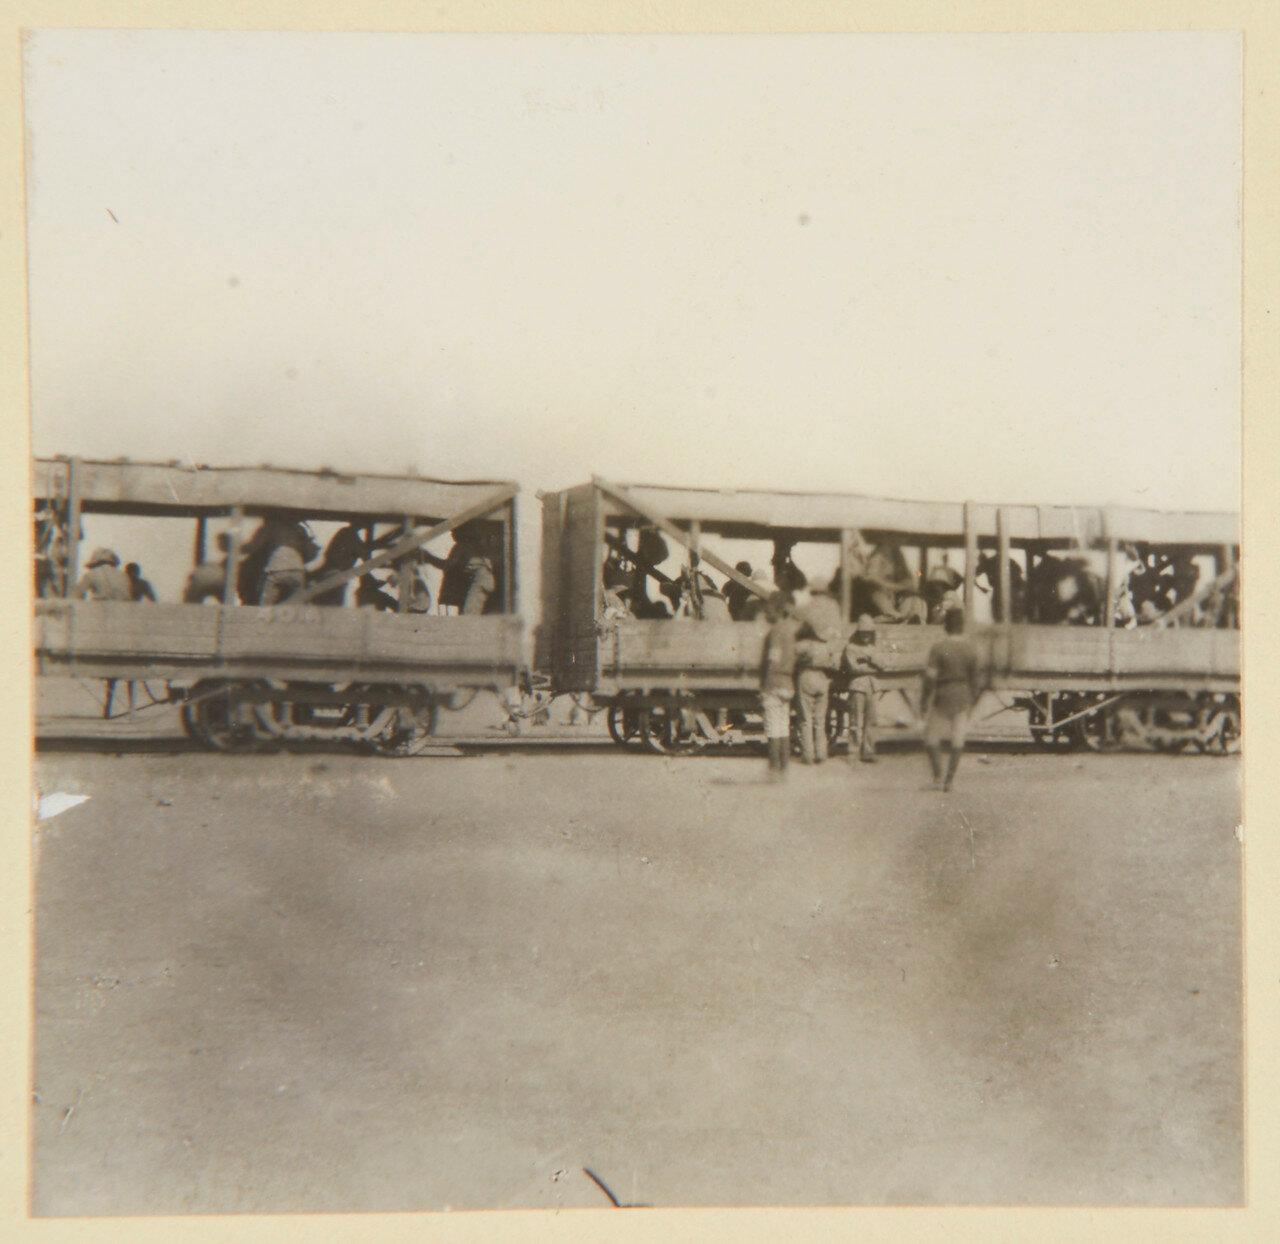 Август 1898. 21-й Уланский полк покидает Вади-Хальфа